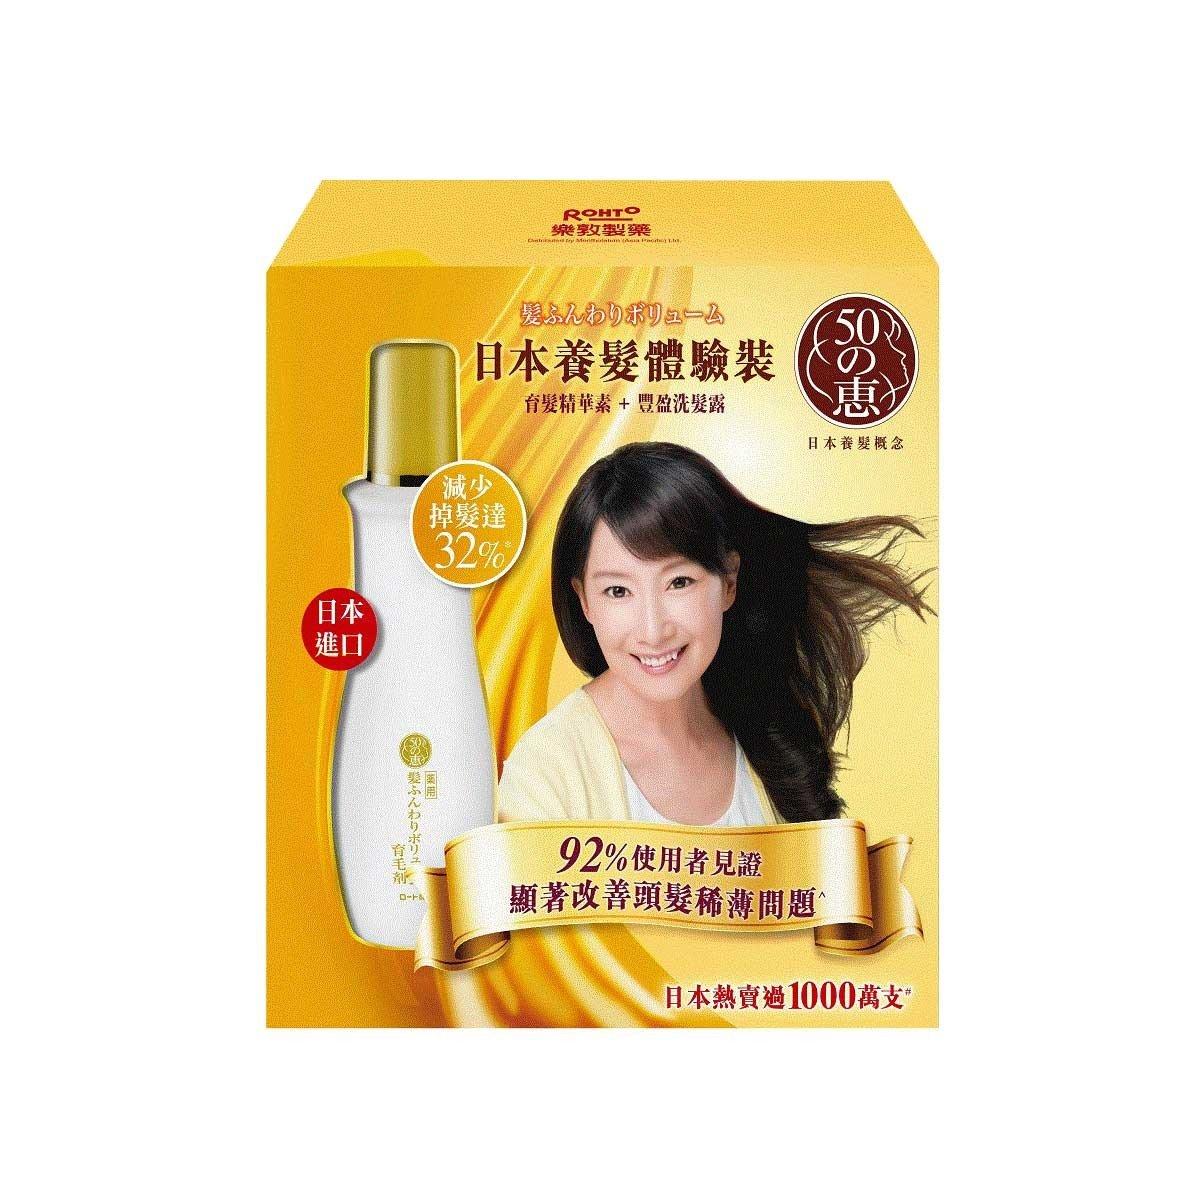 50惠- 日本養髮體驗裝 – 養潤育髮精華素160ml + 豐盈洗髮露400ml  (滋養型)